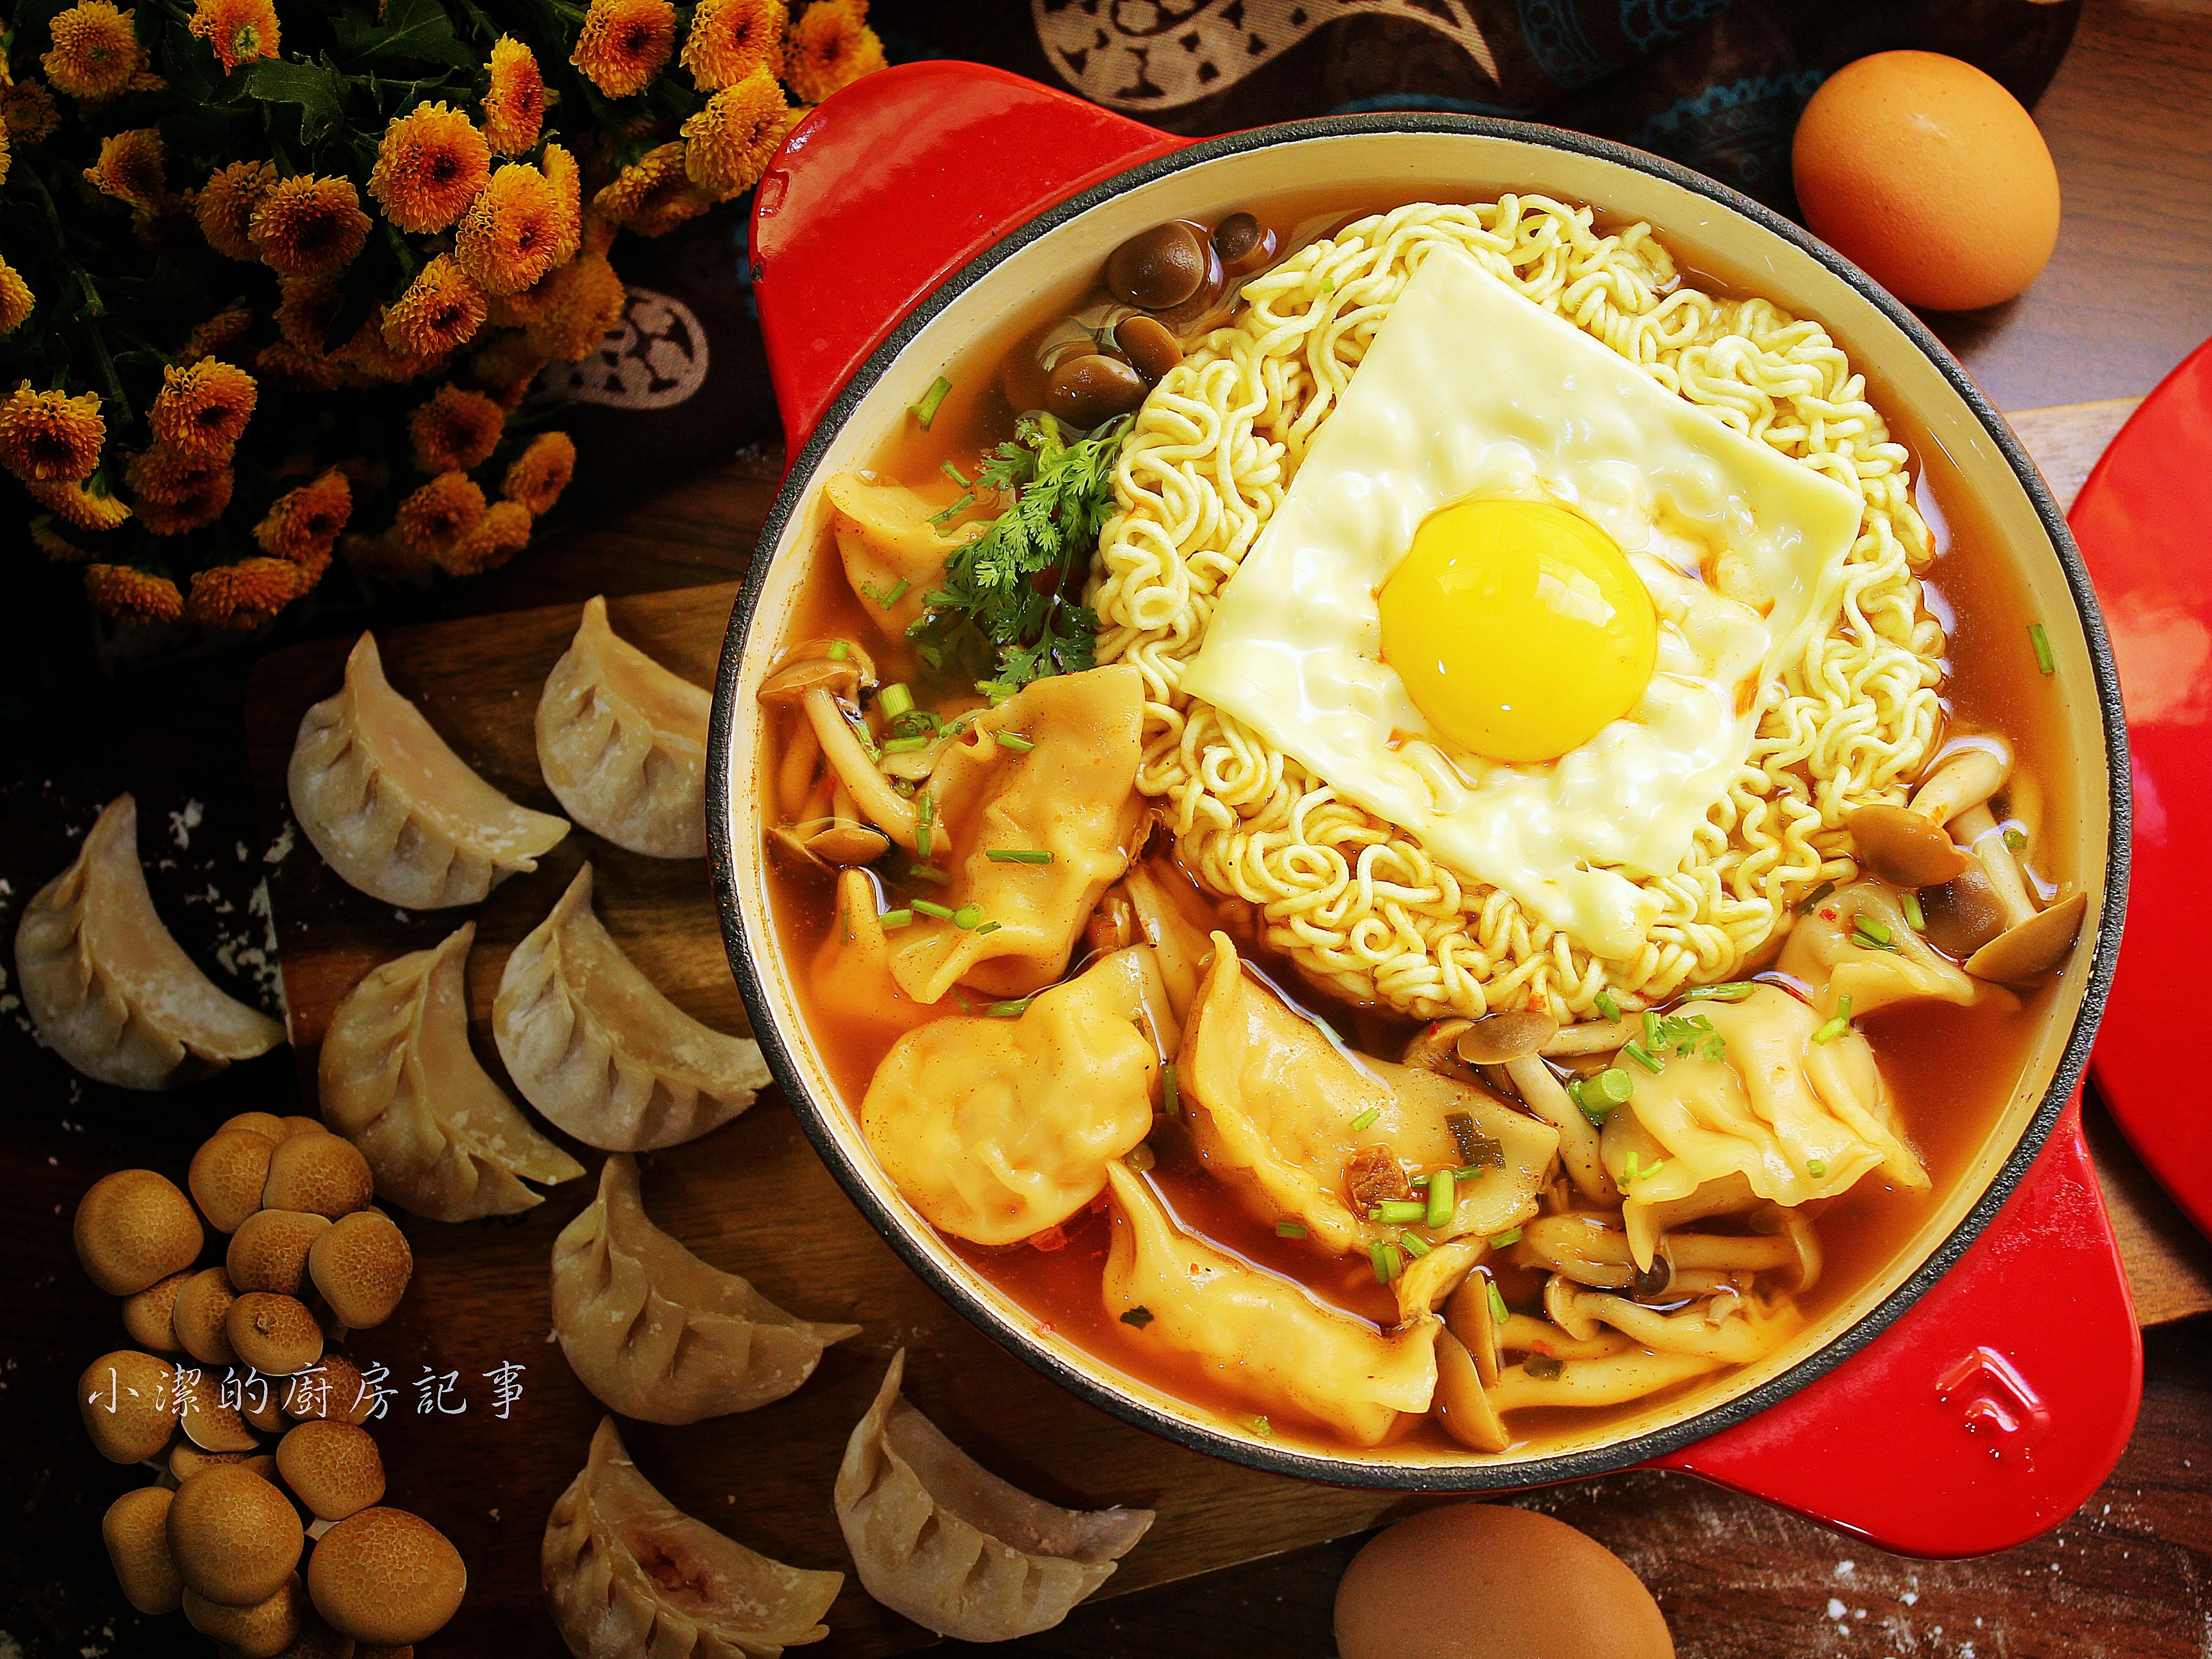 韓式泡菜雞肉水餃